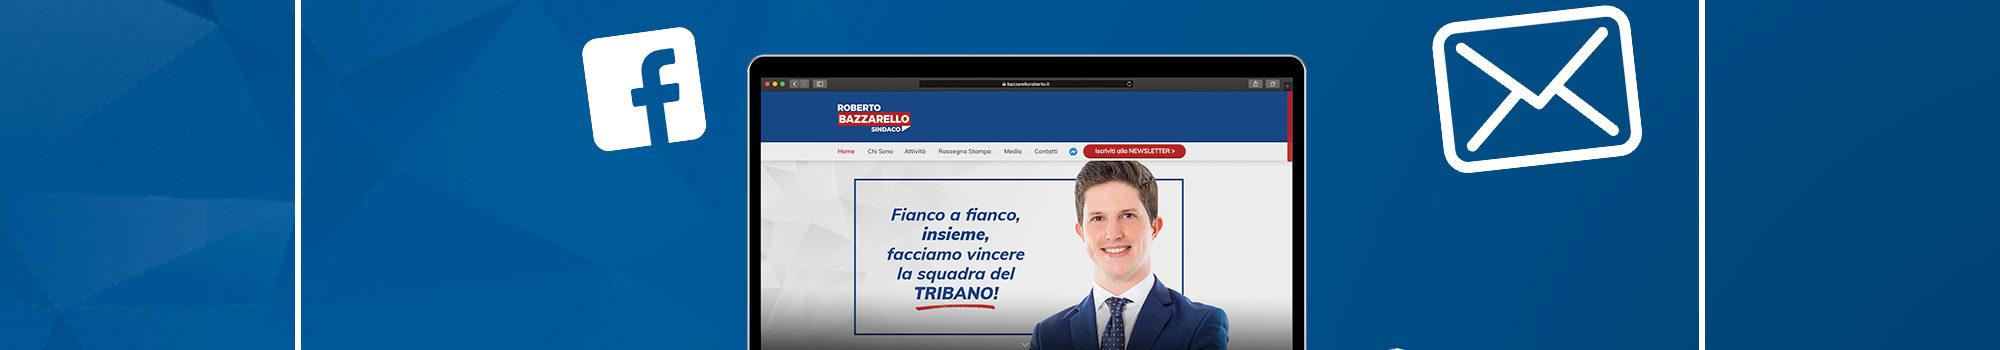 FacciAMO Rete: online il mio nuovo sito internet